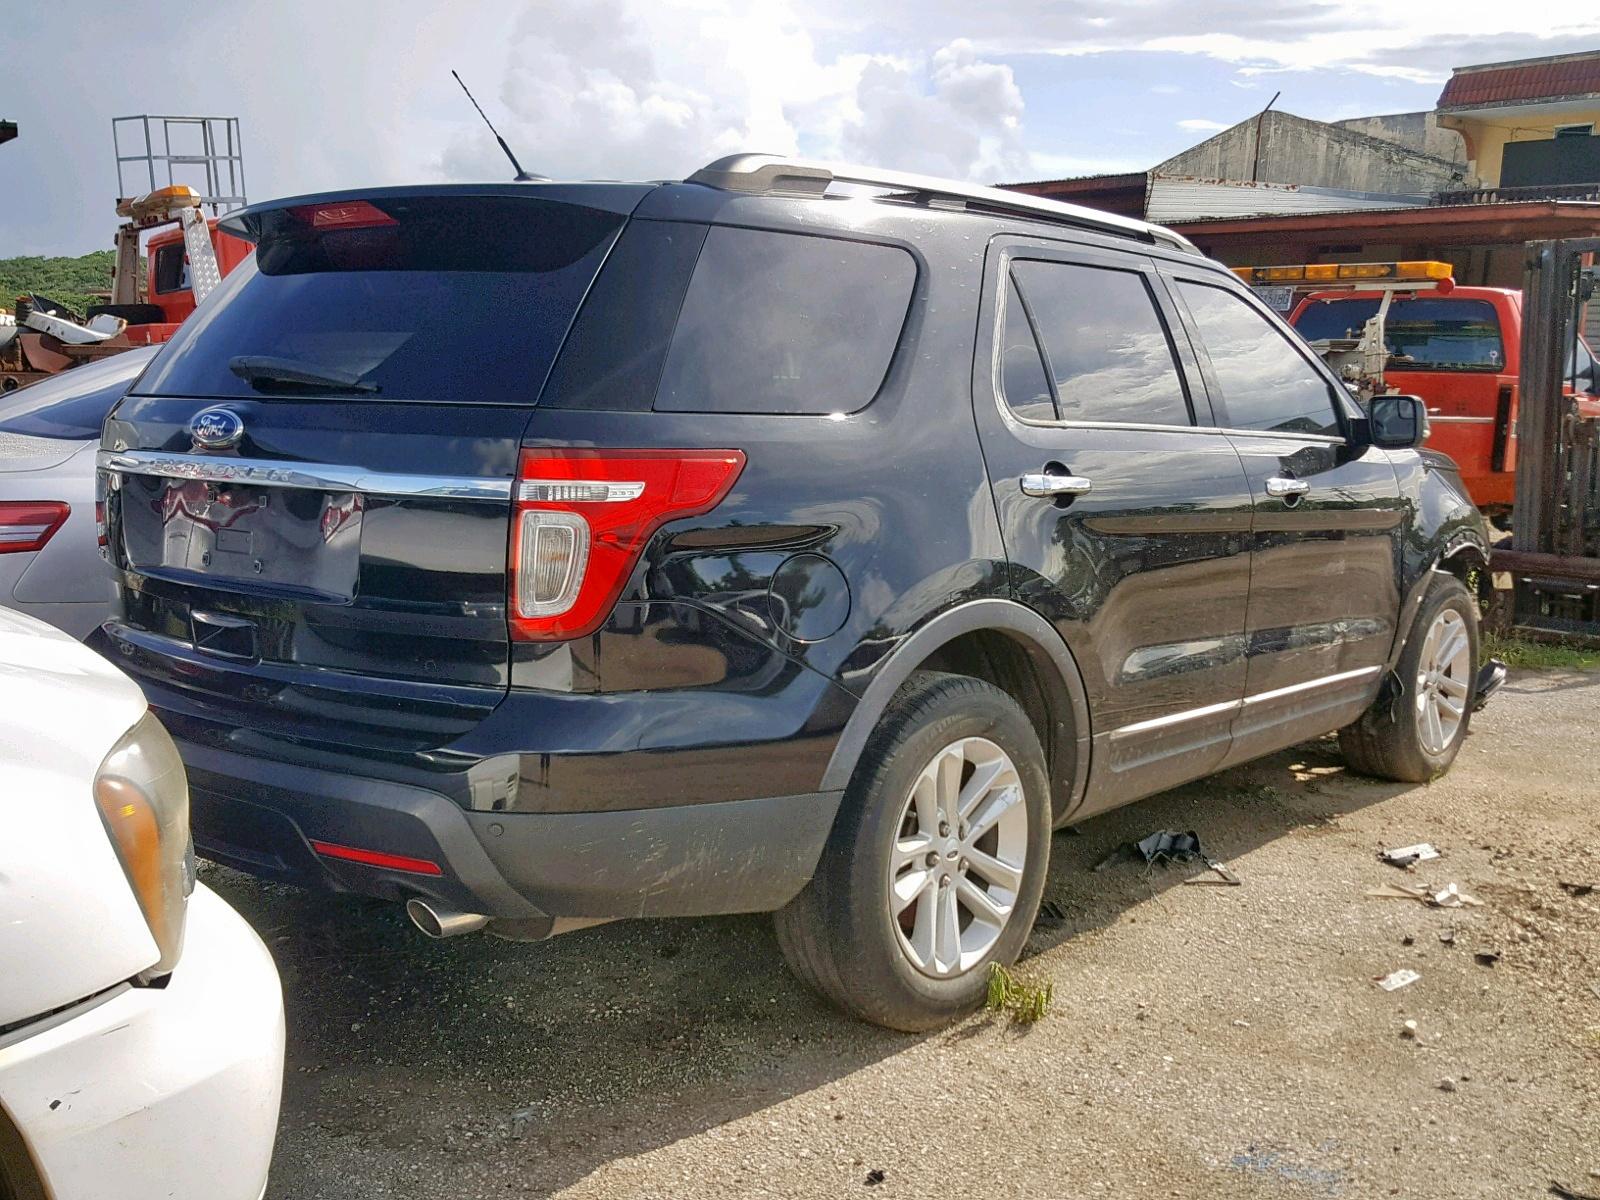 1FMHK7D85CGA54259 - 2012 Ford Explorer X 3.5L rear view